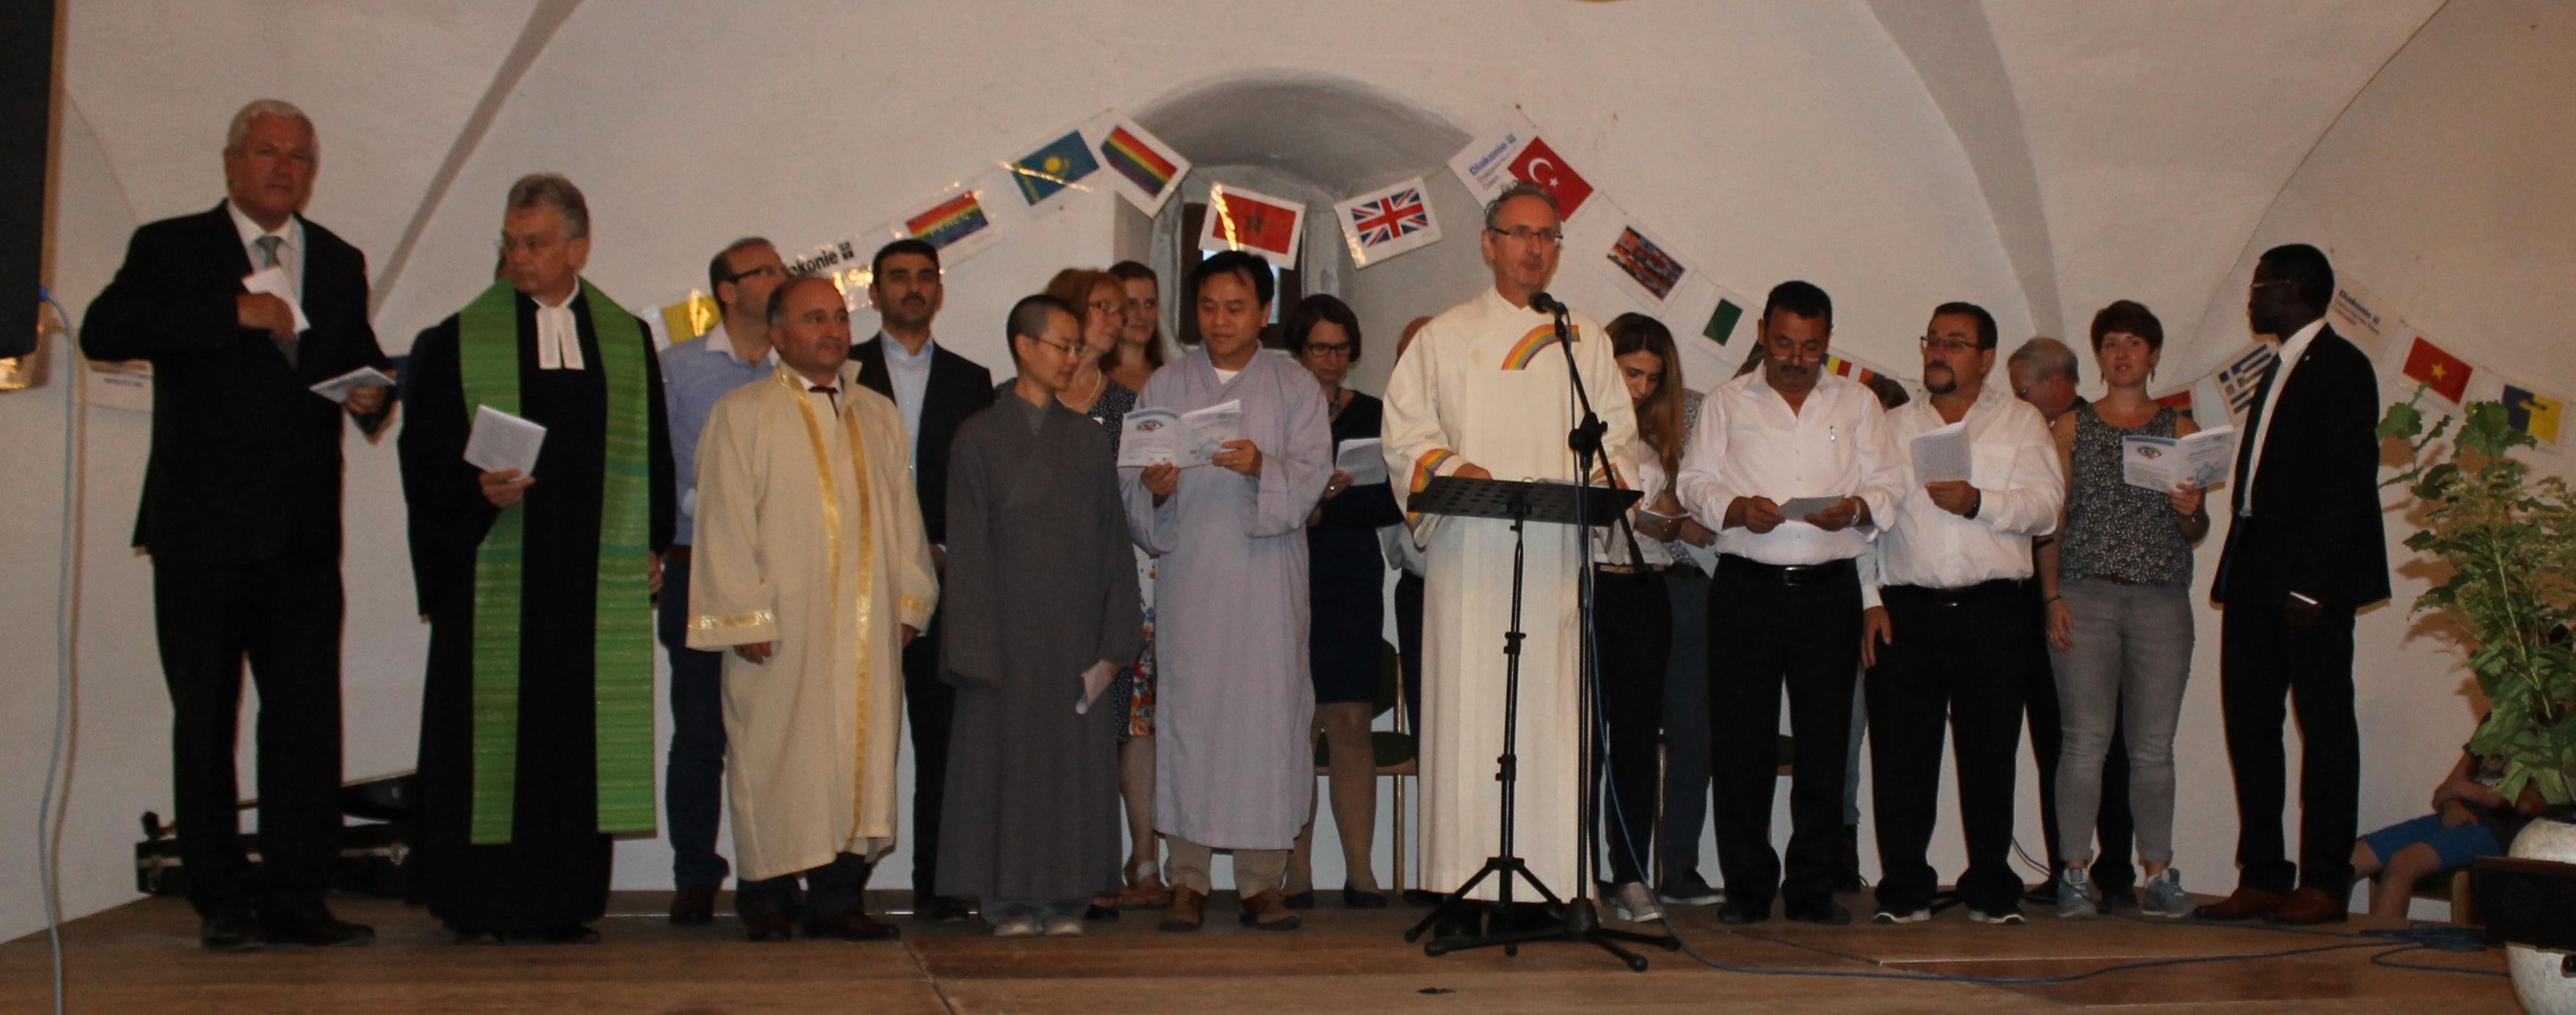 Vertreter/innen von Odenwälder Religionsgemeinschaften